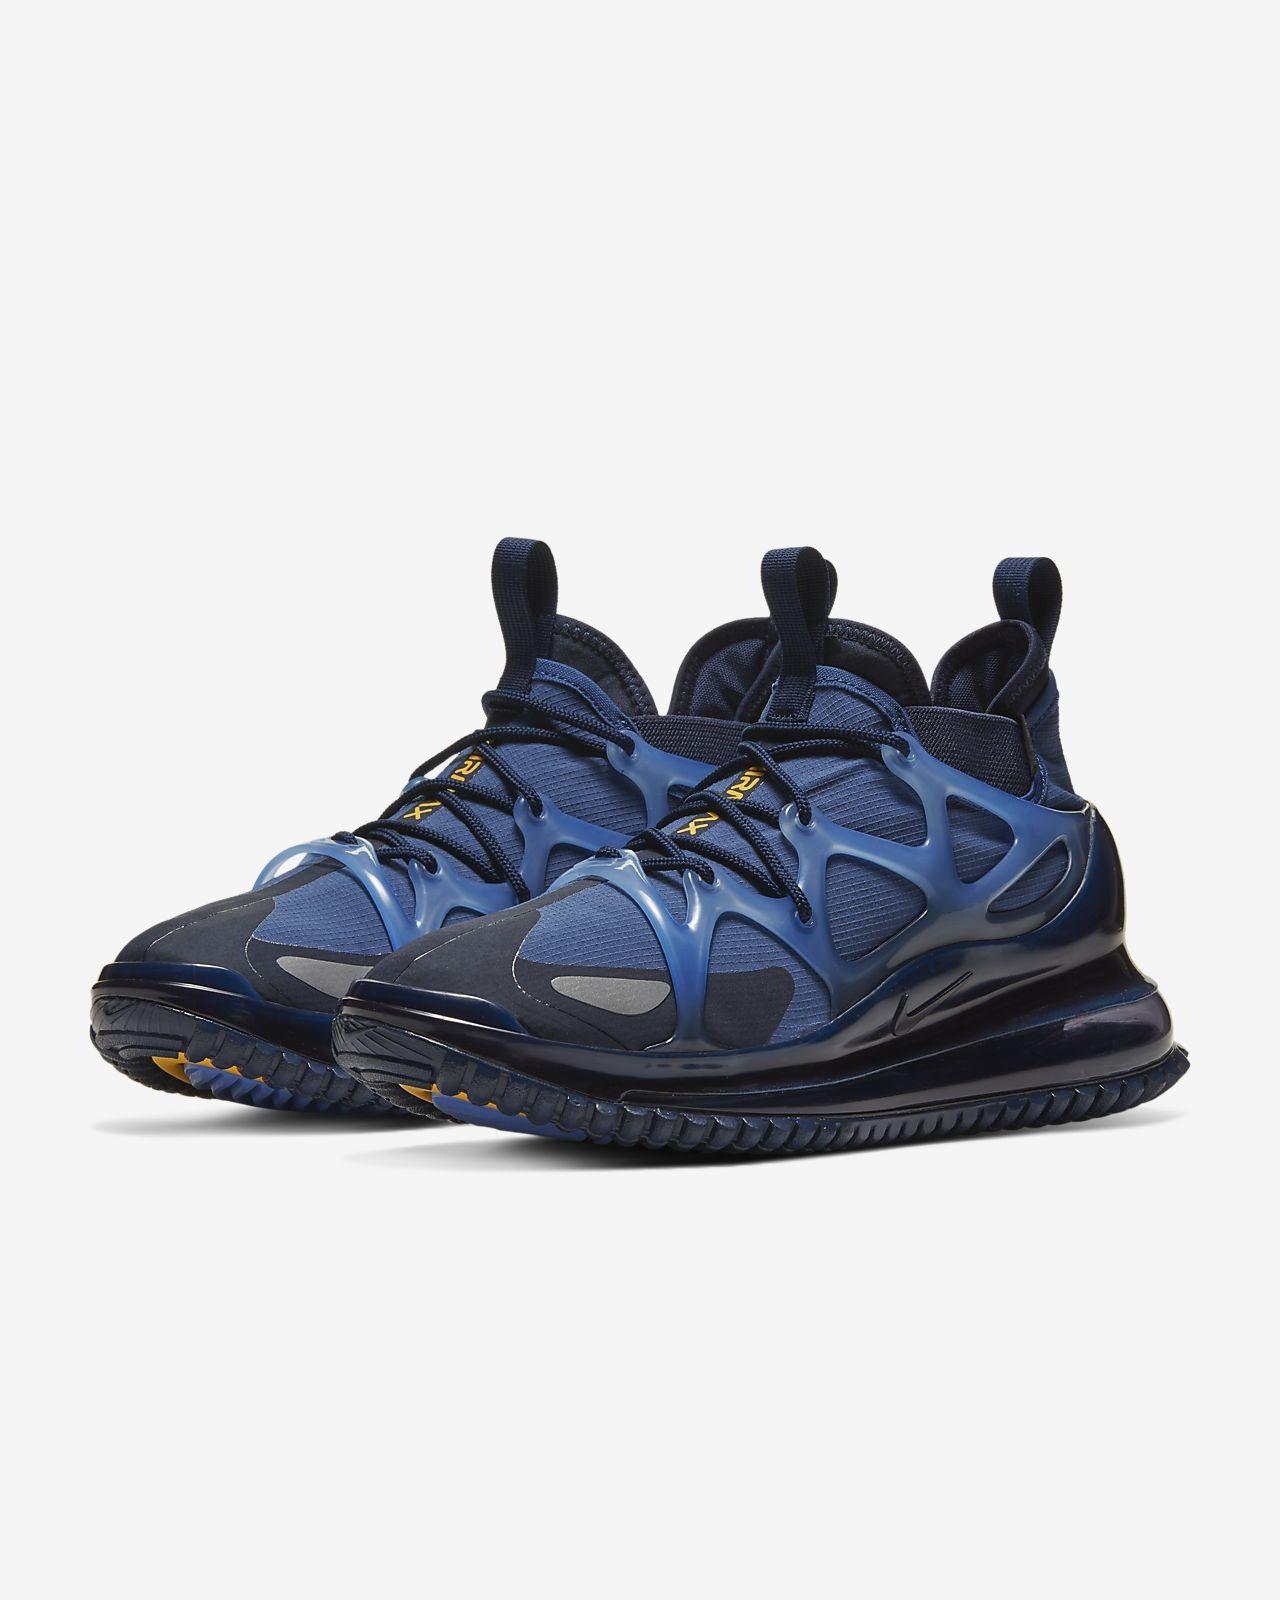 Nike Air Max 720 Horizon Blue BQ5808 400 Release Date SBD